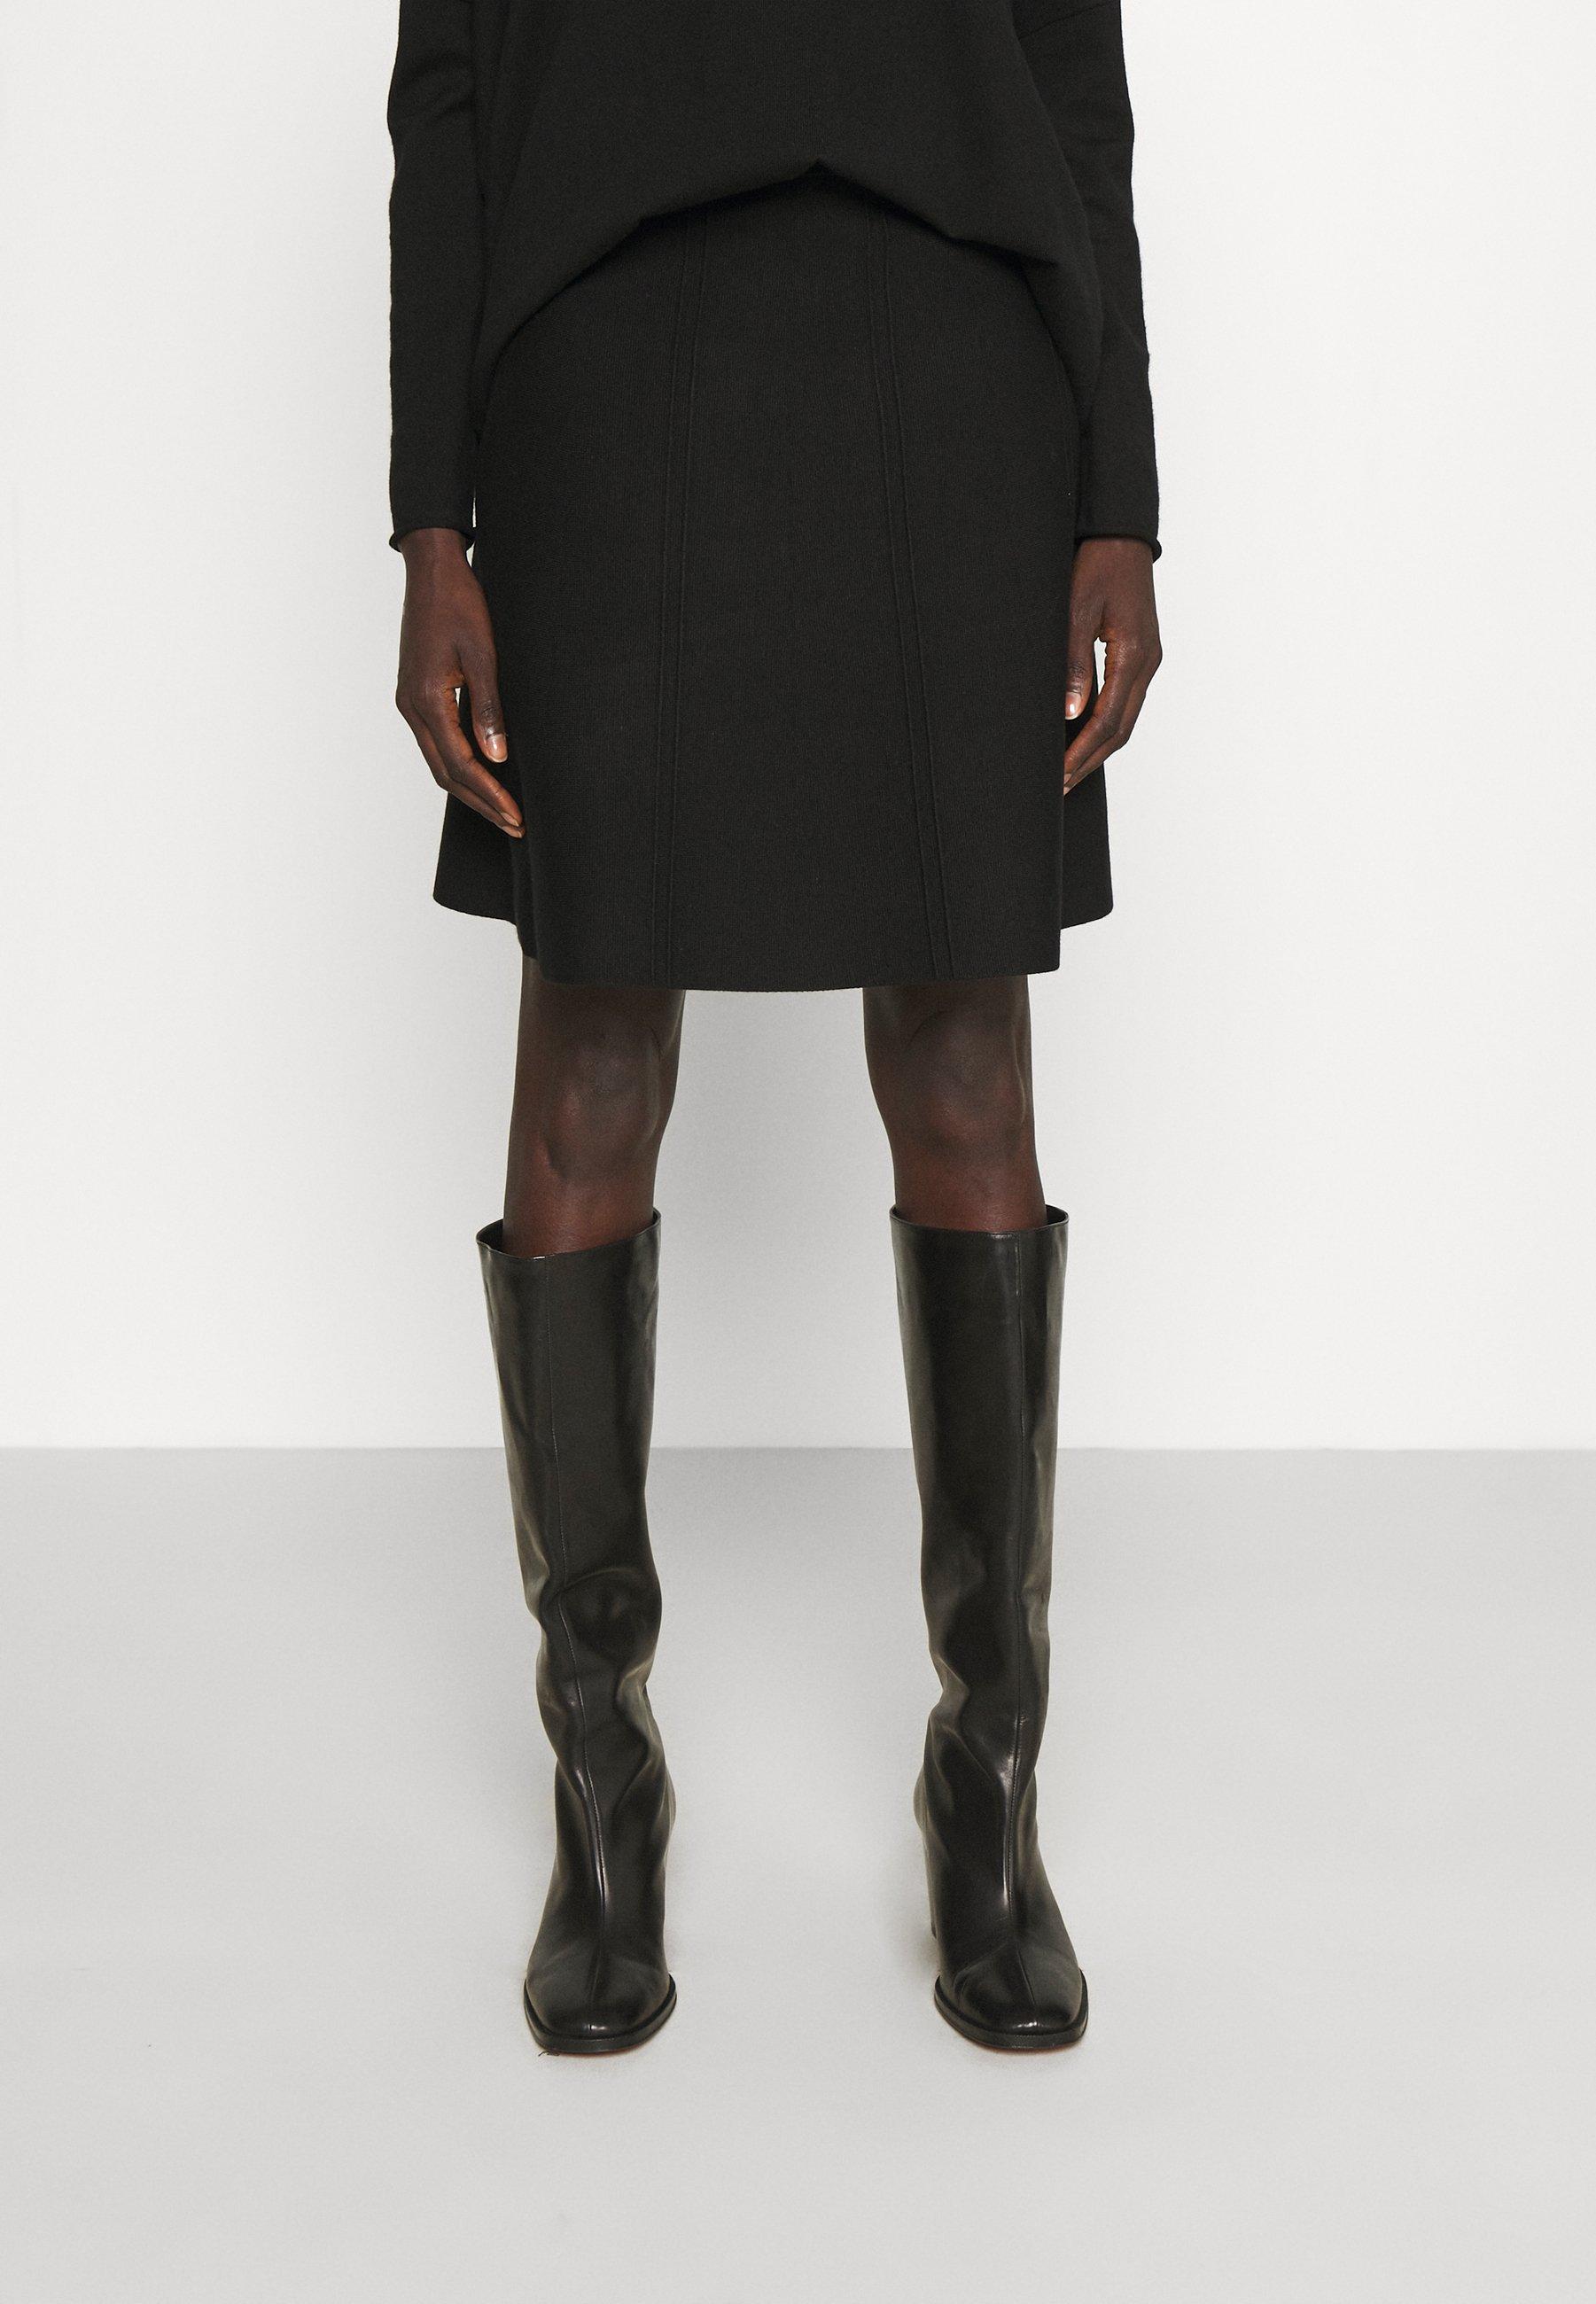 Femme FANCY SKIRT - Jupe trapèze